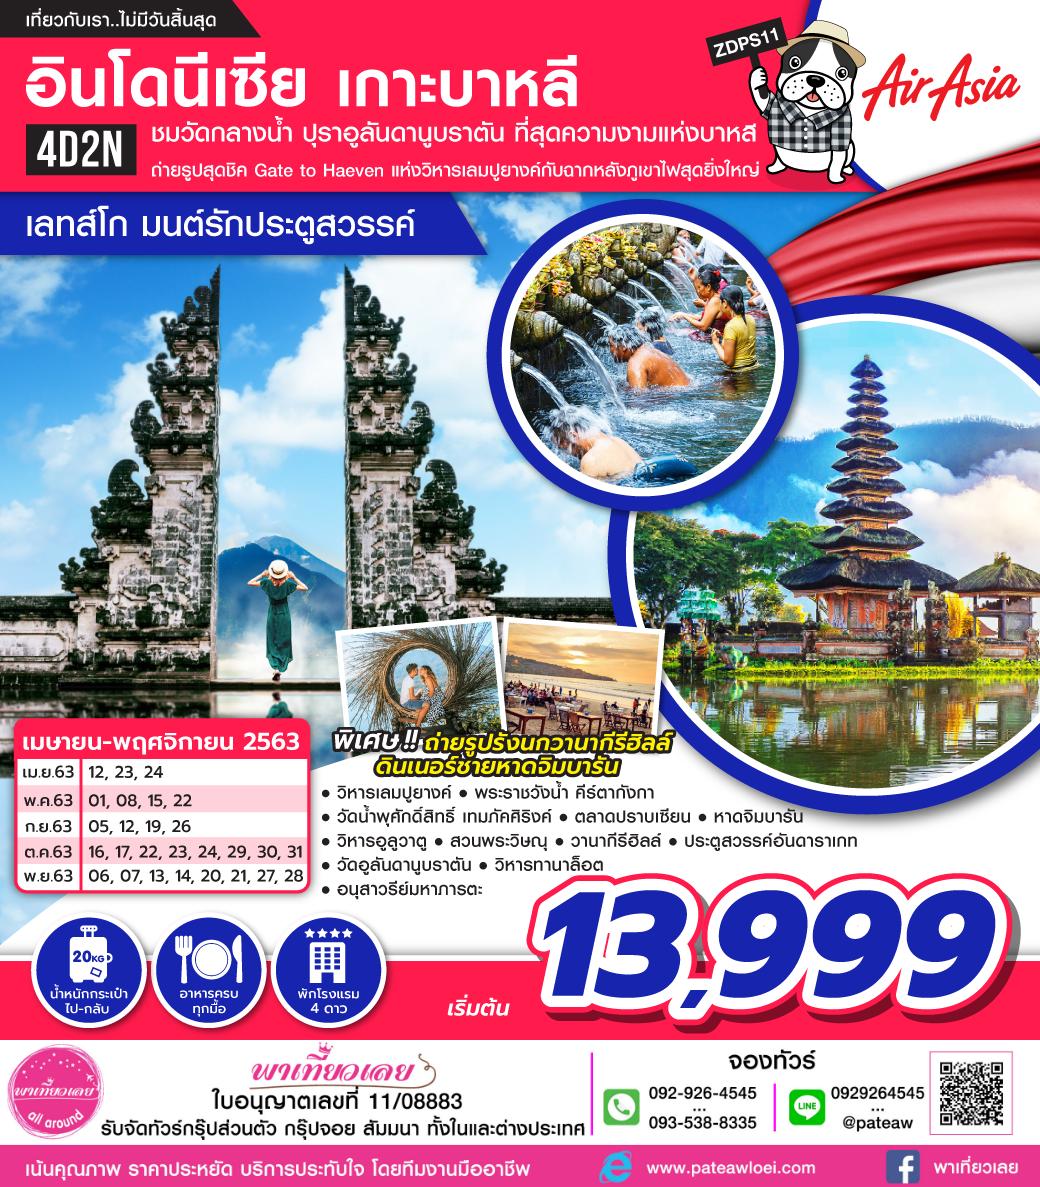 ZDPS11 อินโดนีเซีย เกาะบาหลี [เลทส์โก มนต์รักประตูสวรรค์]